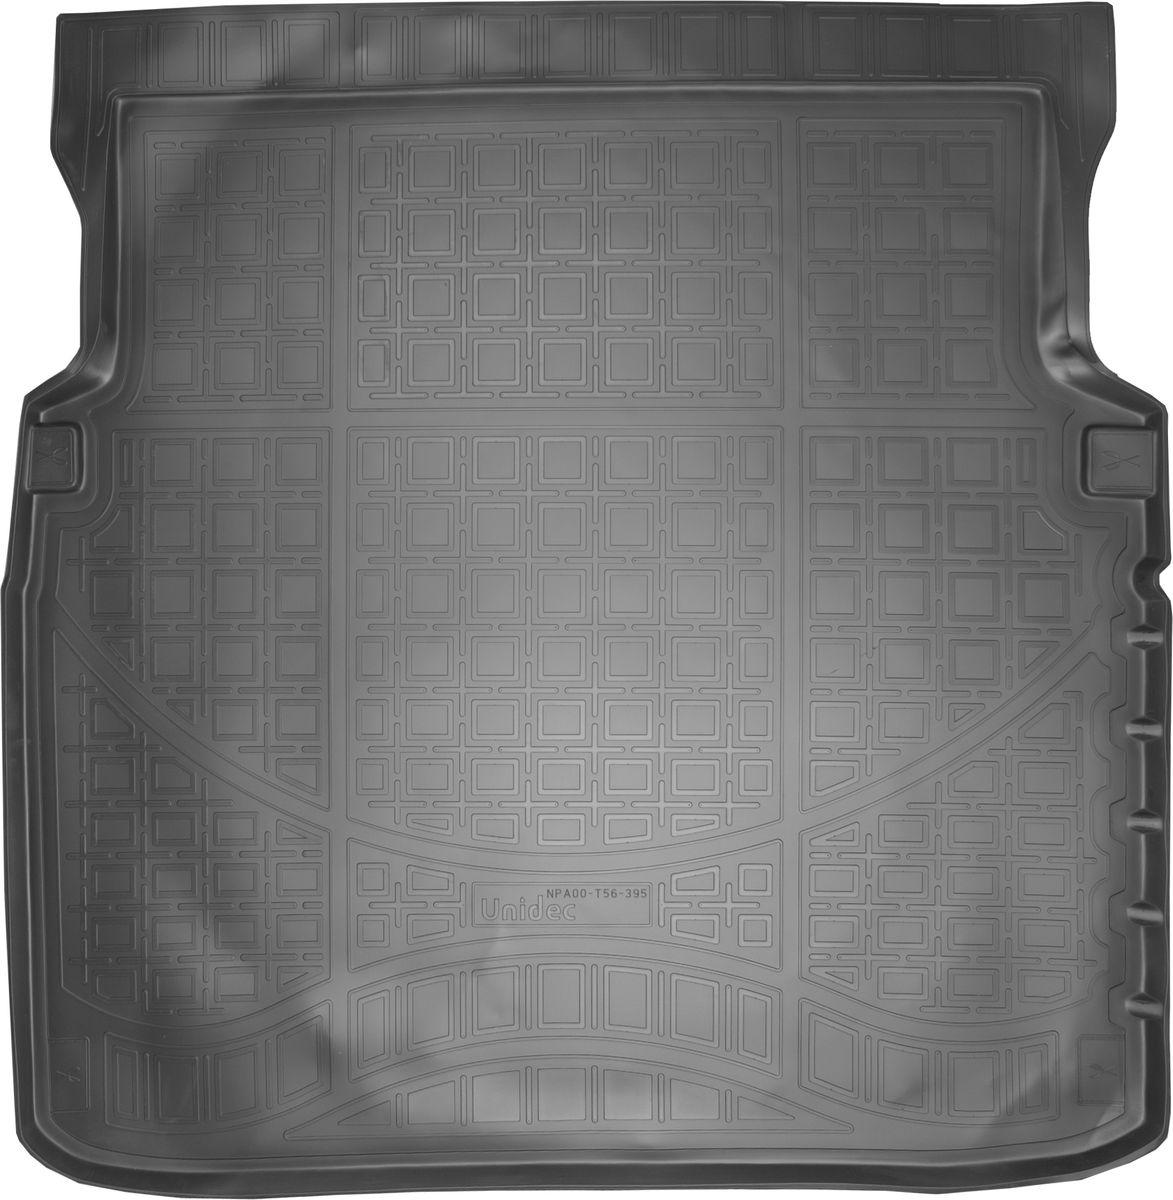 Ковер автомобильный NorPlast, в багажник, для Mercedes-Benz W211 SD, 2006-2009, полиуретанNPA00-T56-395Прочные и долговечные коврики в салон автомобиля NorPlast, изготовленный из высококачественного и экологичного сырья, полностью повторяет геометрию салона автомобиля. - Надежная система крепления, позволяющая закрепить коврик на штатные элементы фиксации, в результате чего отсутствует эффект скольжения по салону автомобиля. - Высокая стойкость поверхности к стиранию. - Специализированный рисунок и высокий борт, препятствующие распространению грязи и жидкости по поверхности коврика. - Перемычка задних ковриков в комплекте предотвращает загрязнение тоннеля карданного вала. - Произведены из первичных материалов, в результате чего отсутствует неприятный запах в салоне автомобиля. - Высокая эластичность, можно беспрепятственно эксплуатировать при температуре от -45°C до +45°C.